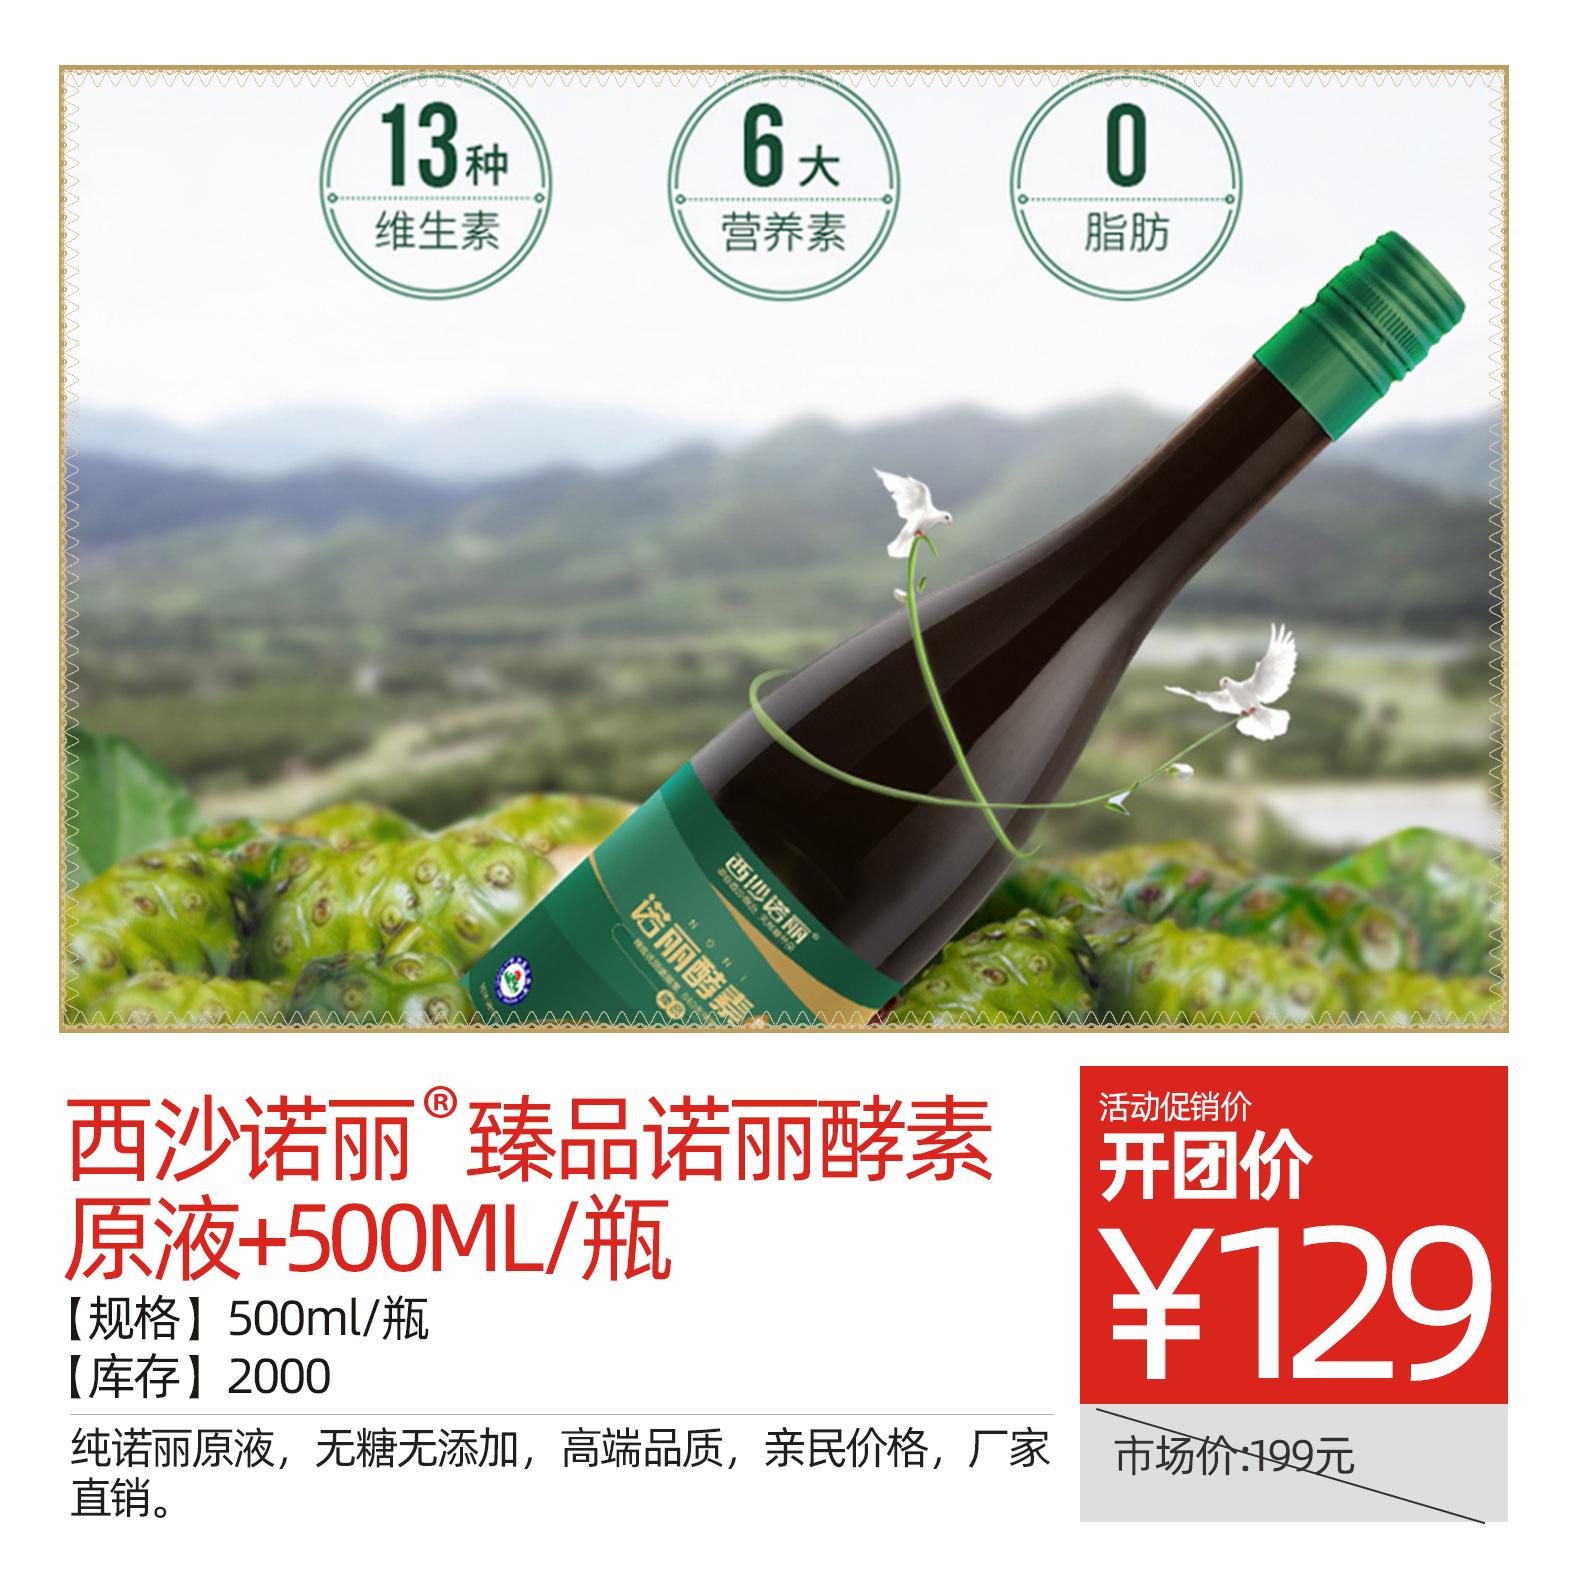 西沙诺丽臻品诺丽酵素原液+500ml/瓶